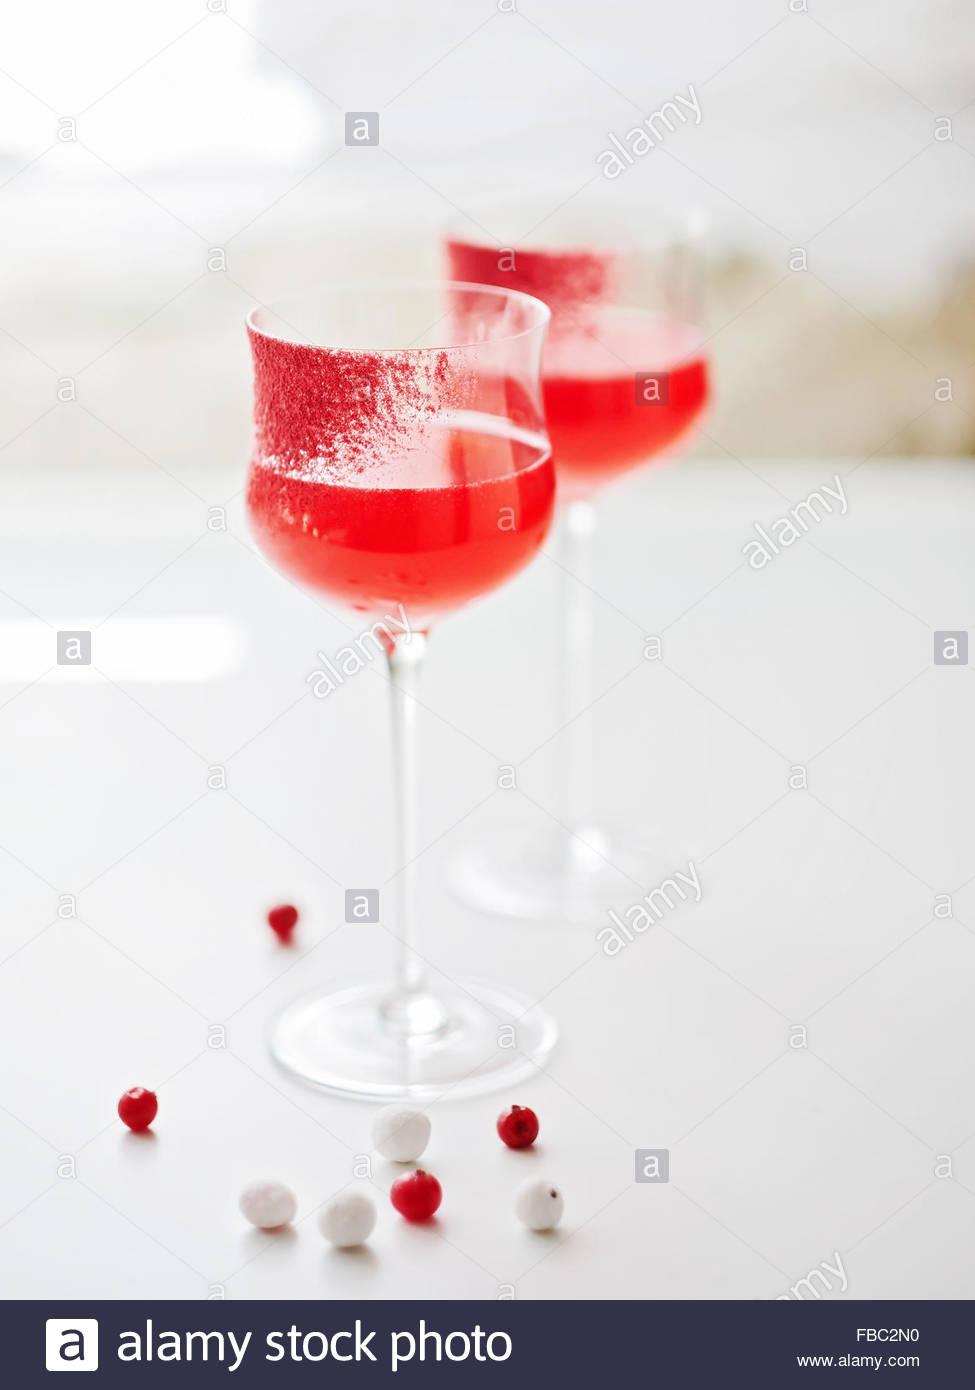 Cocktail servi dans un verre cerclées de canneberge Photo Stock